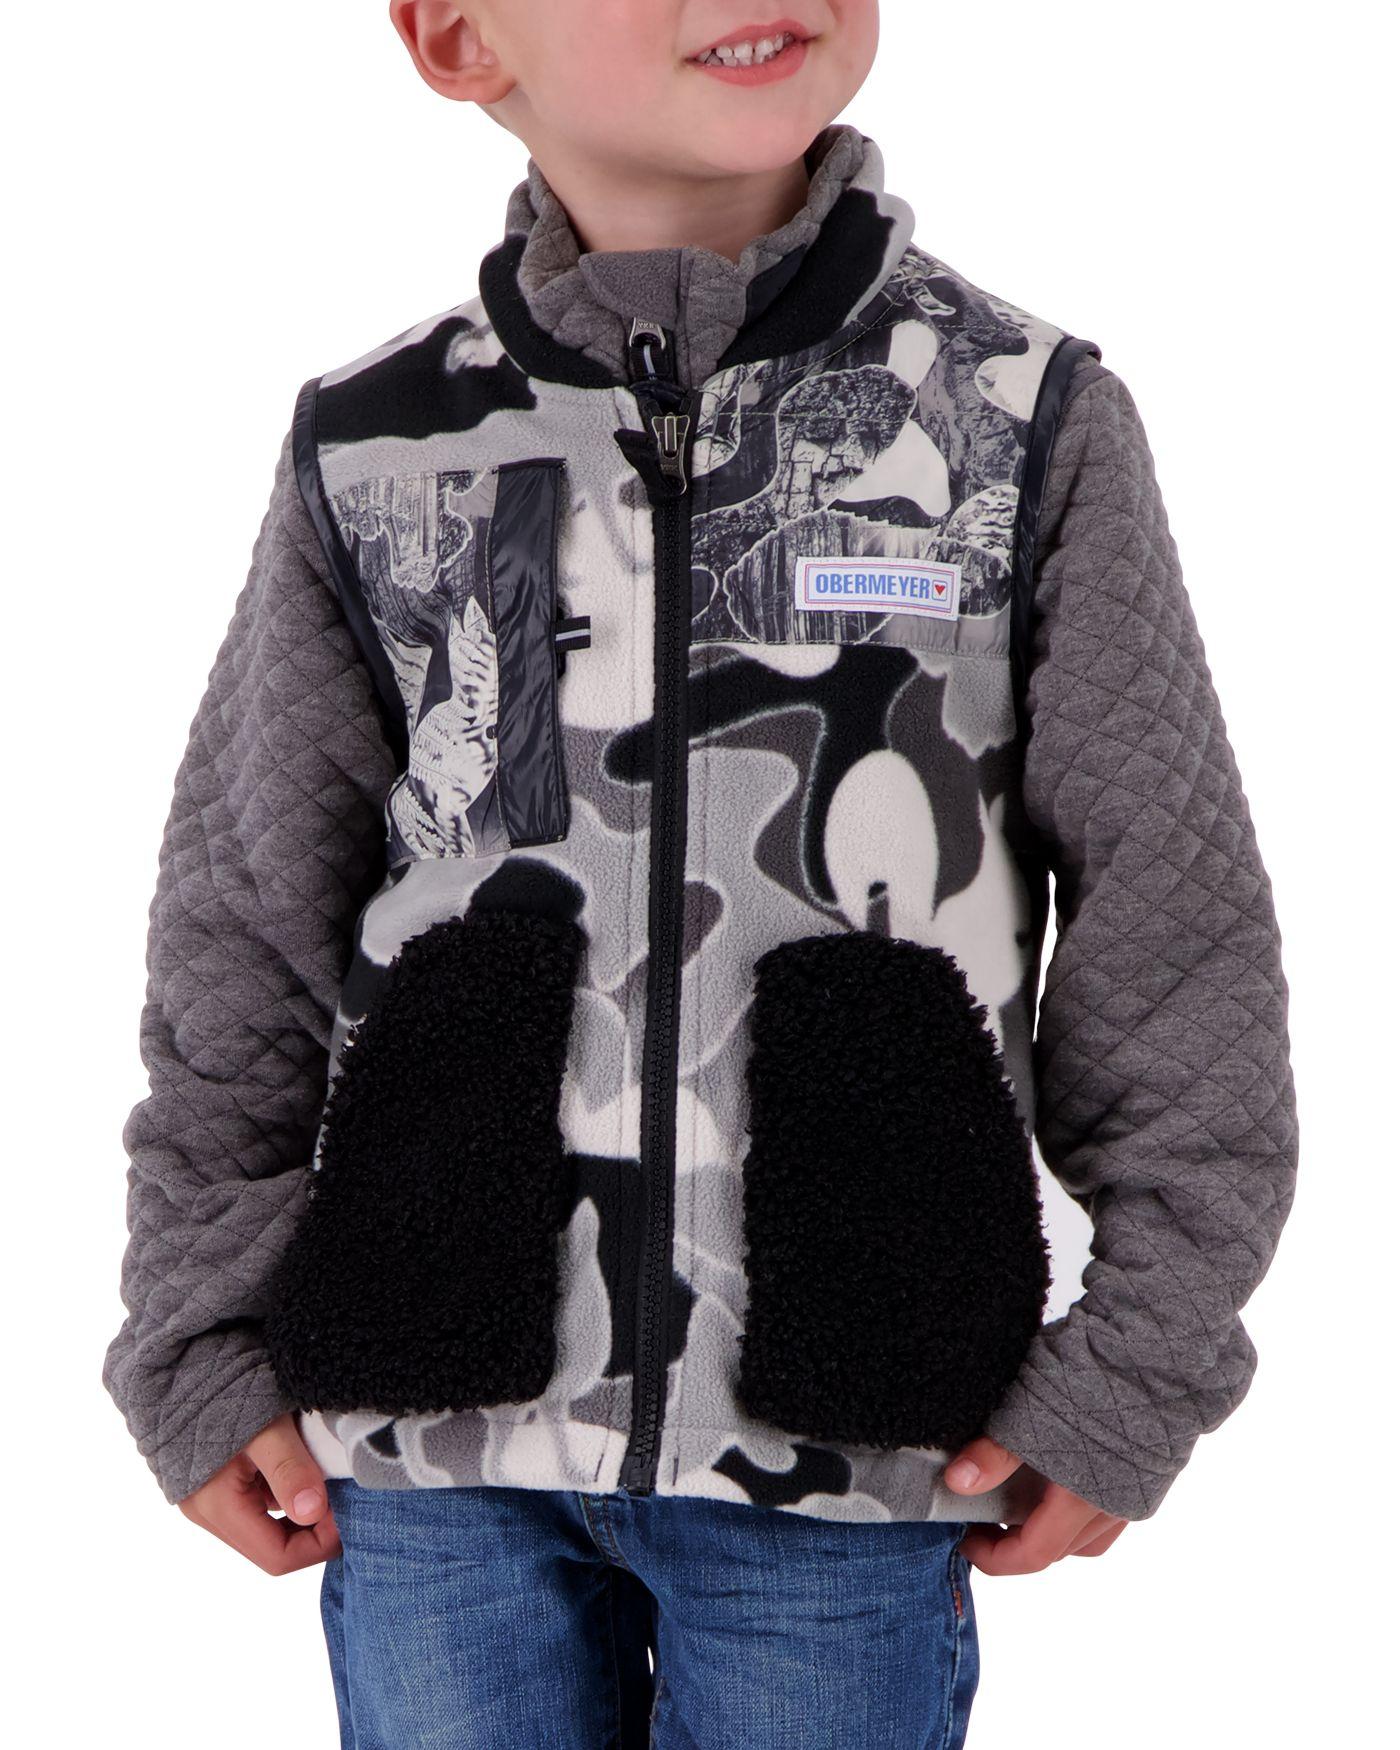 Obermeyer Boys' Indy Full Zip Fleece Vest